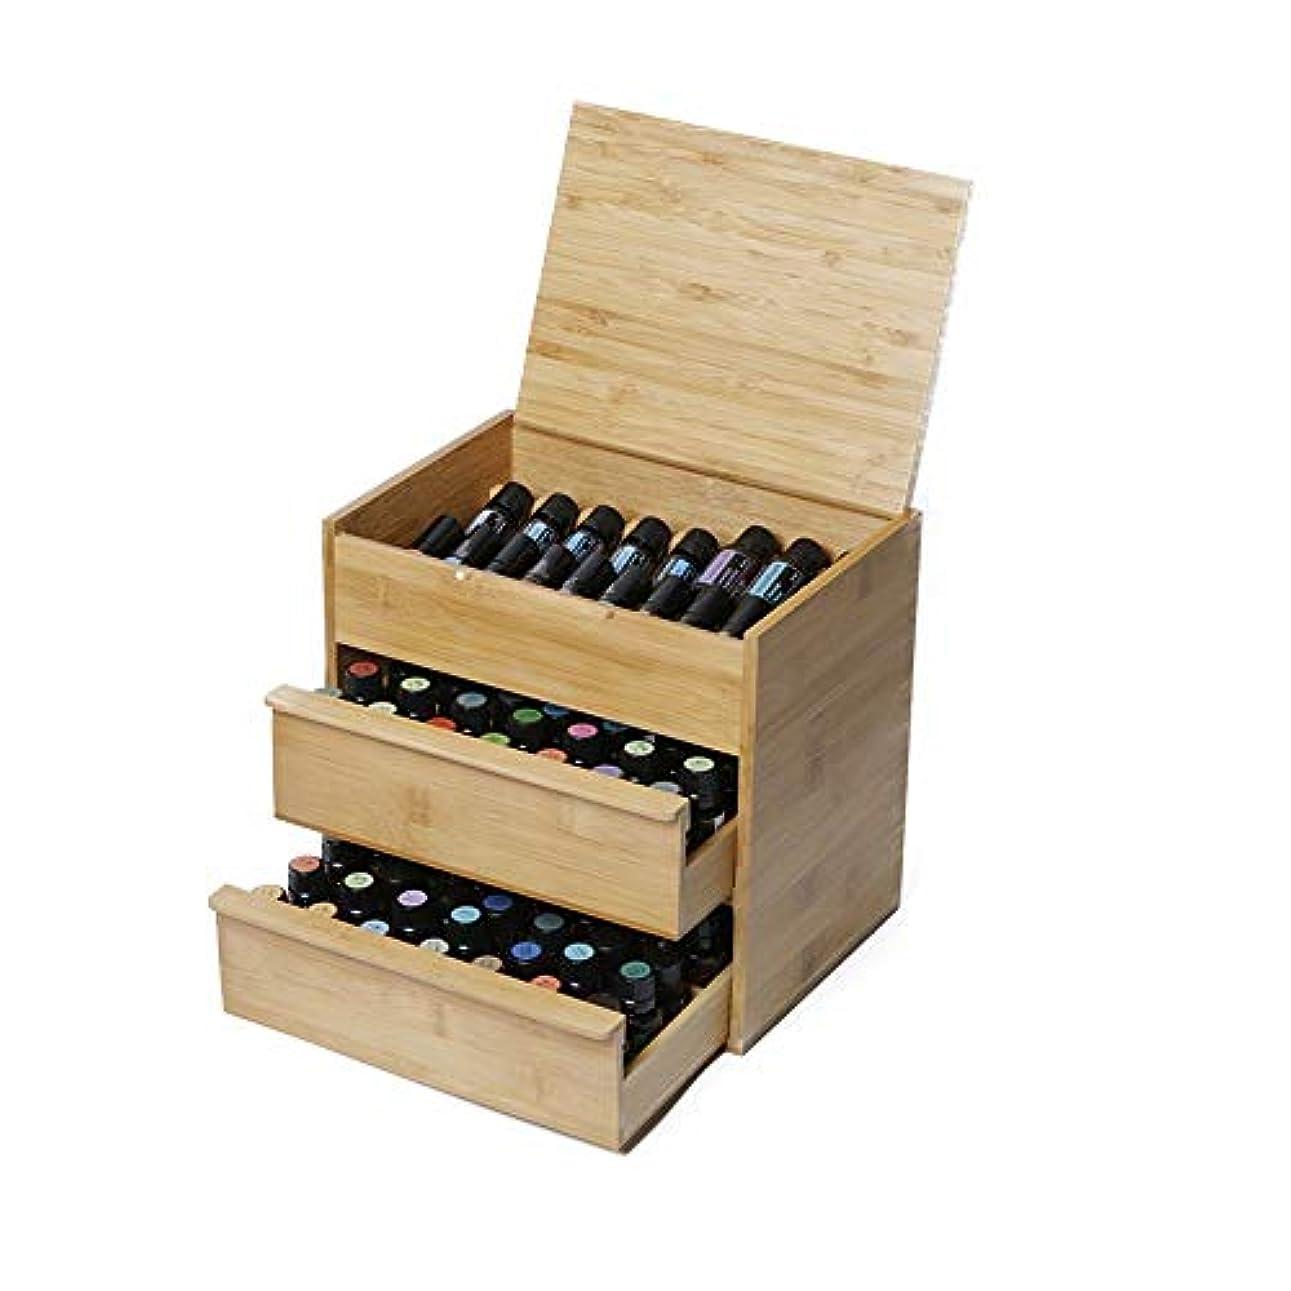 中国本土しなければならないアロマセラピー収納ボックス 天然竹木のオイルボックスのスロット3つの棚内88動きが15/10/5ミリリットル瓶を開催しました エッセンシャルオイル収納ボックス (色 : Natural, サイズ : 26.5X24.5X19CM)